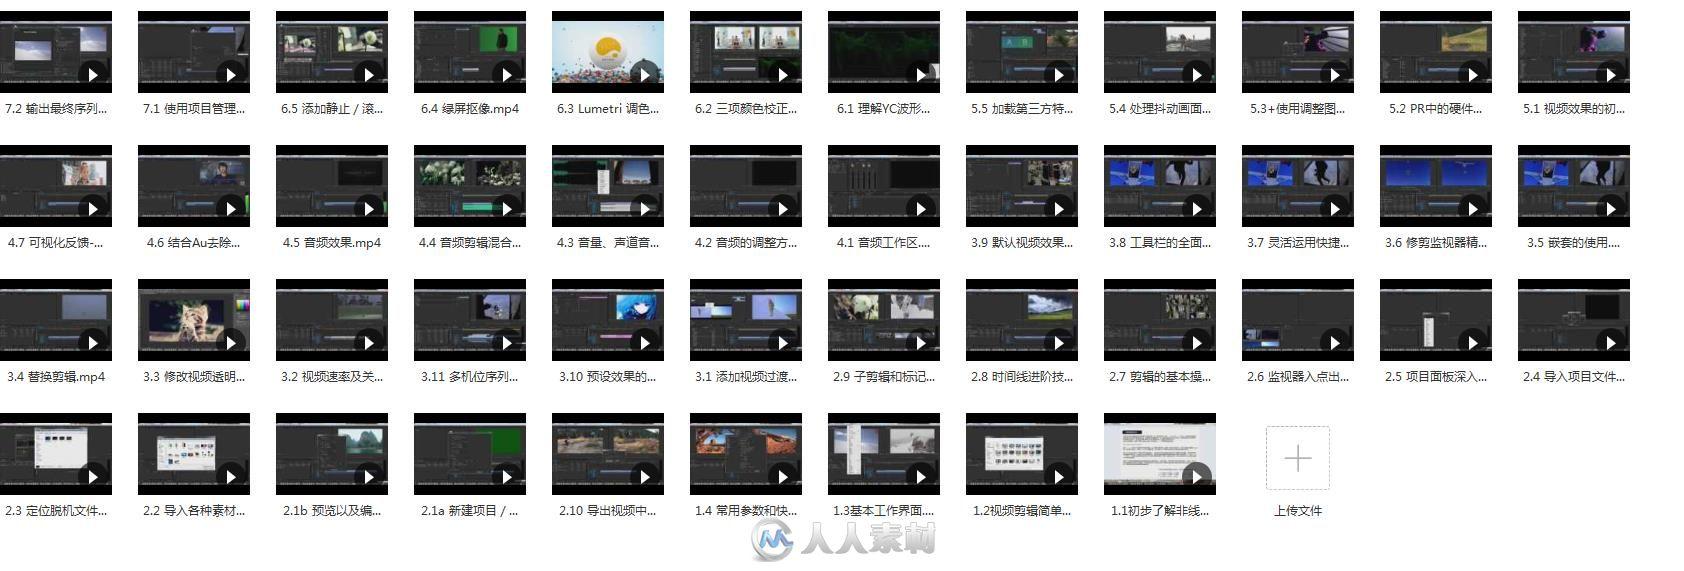 易次方Premiere cc中文入门到精通教程